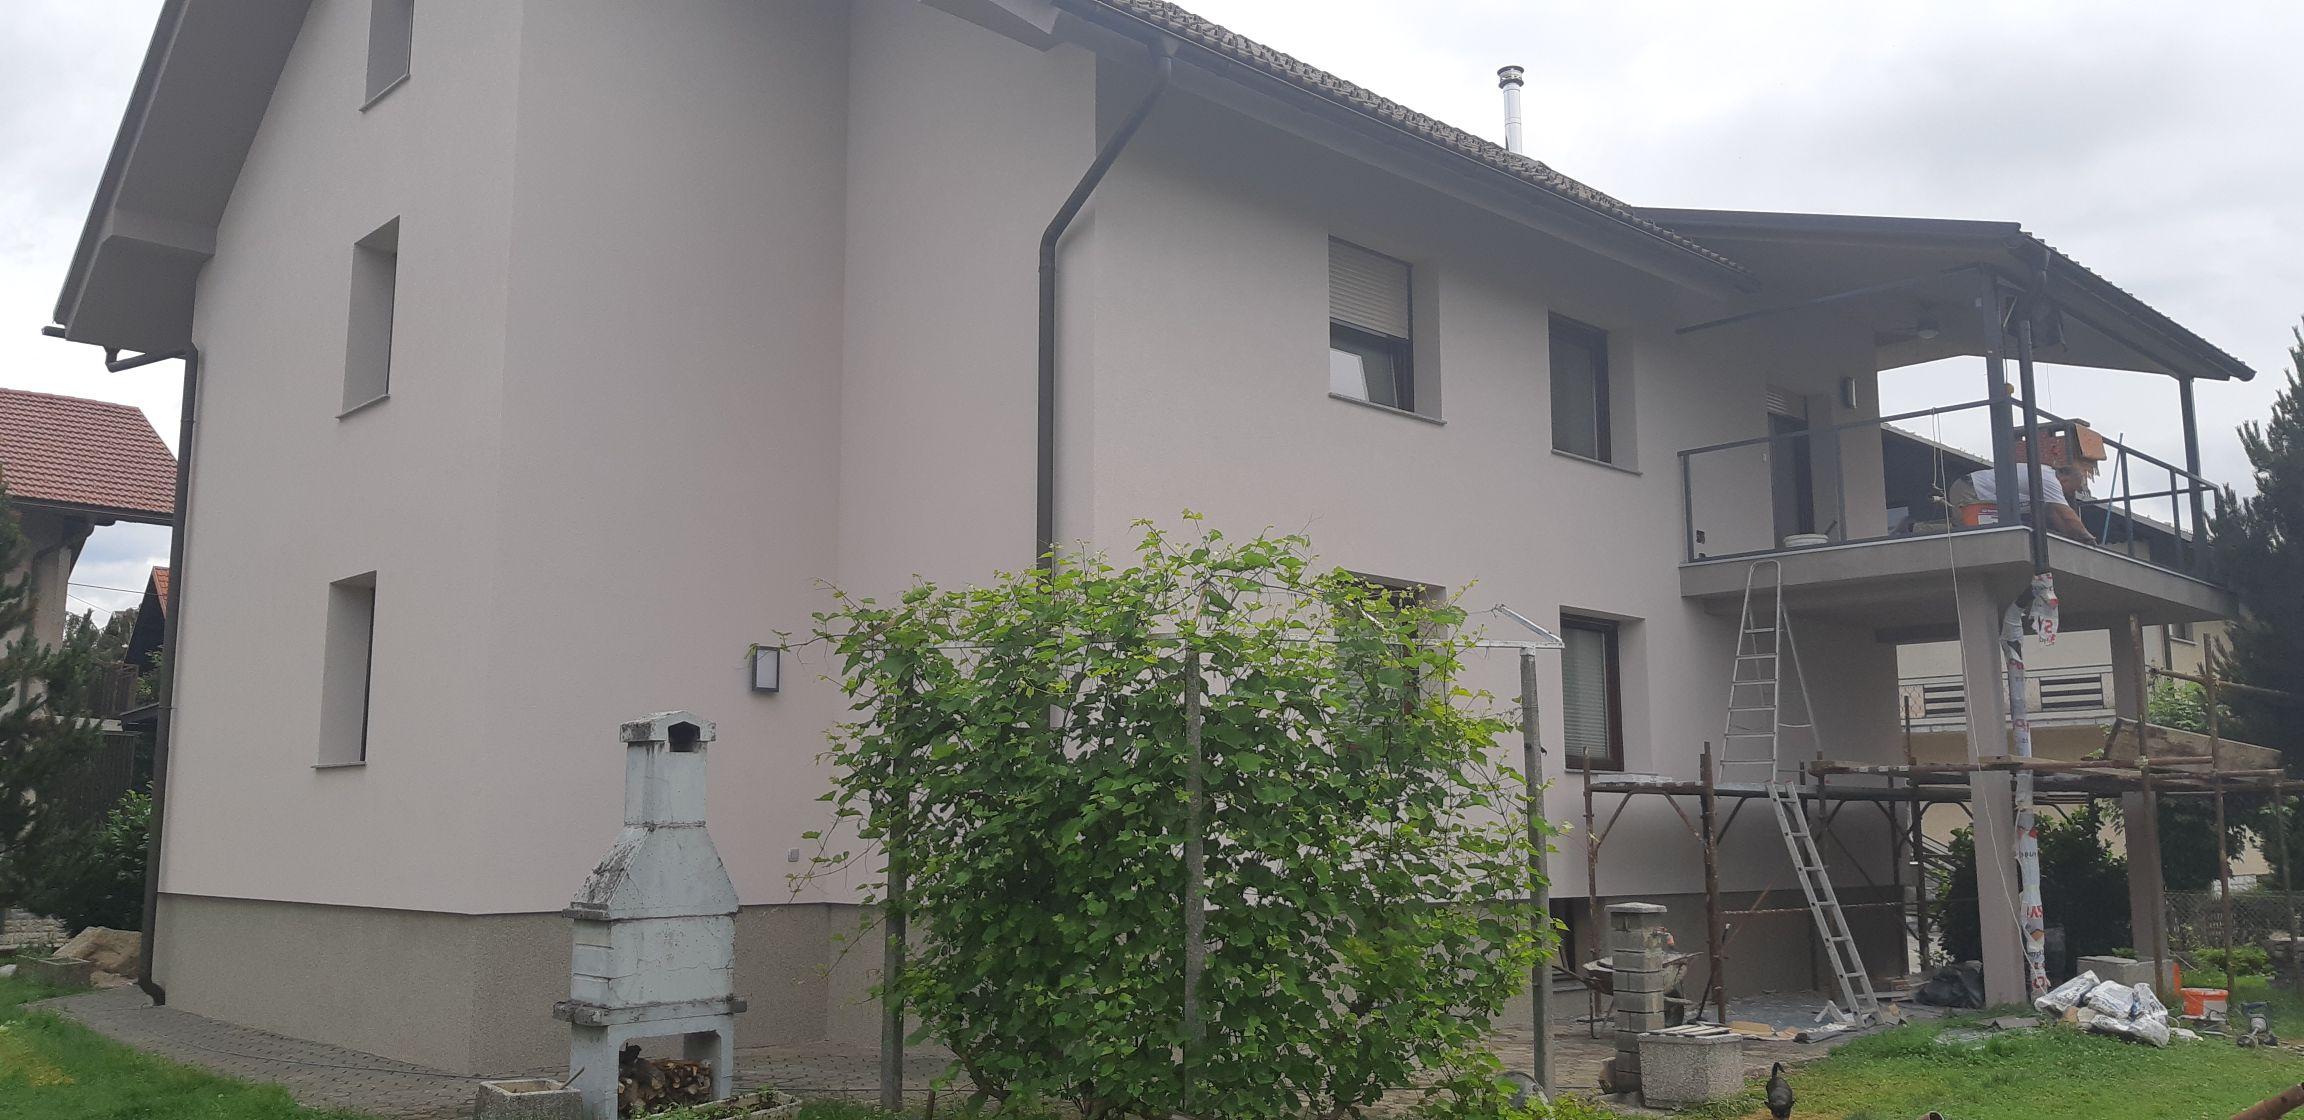 Obnova fasade v Kranju